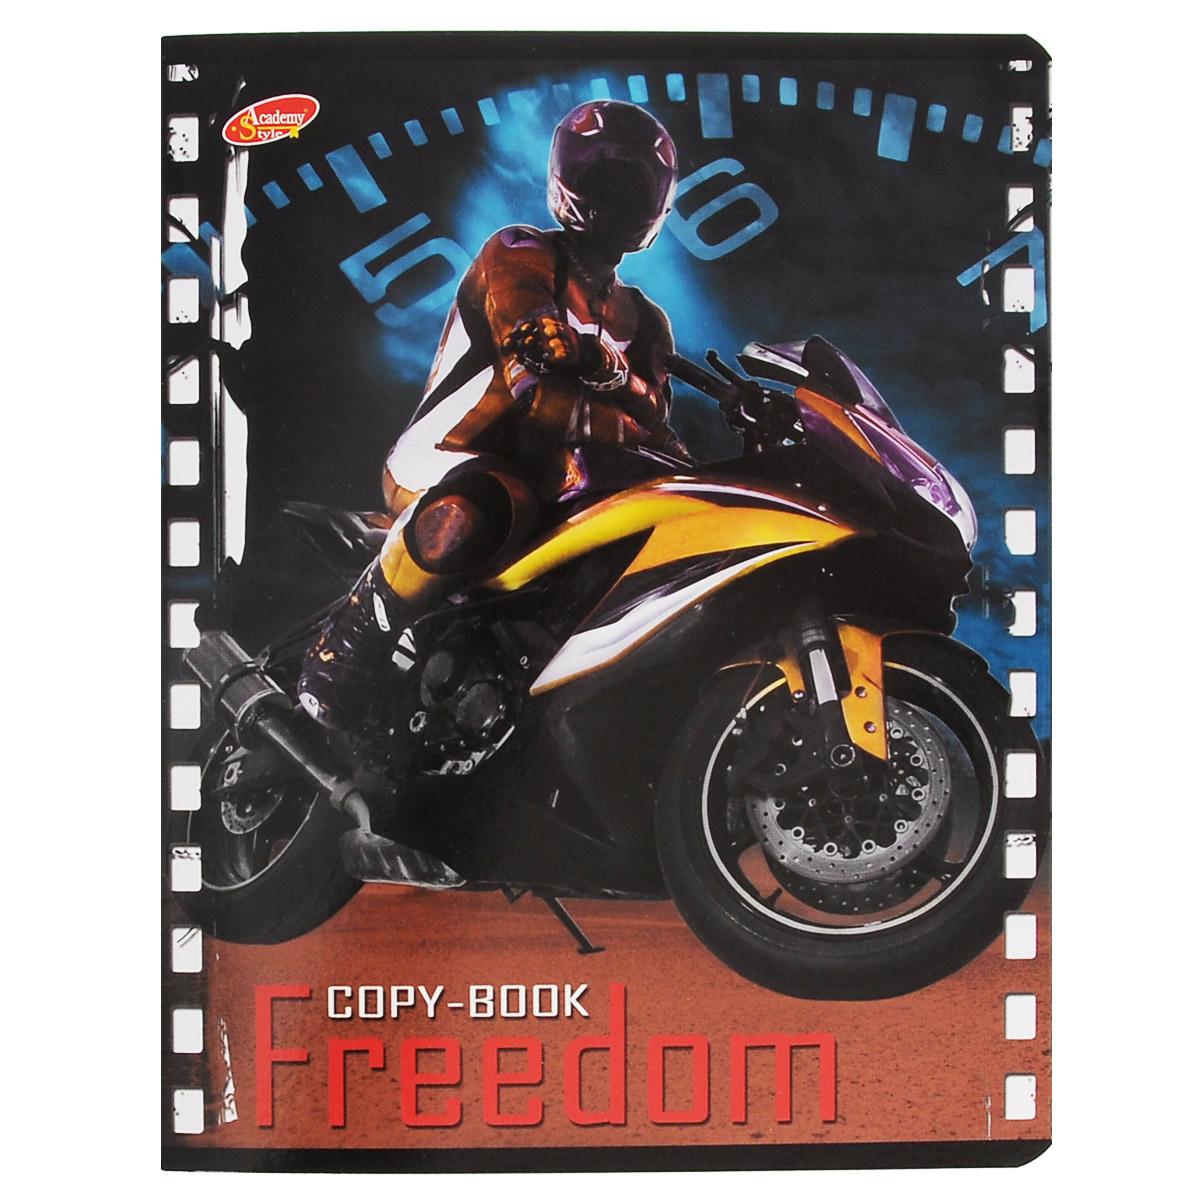 Тетрадь Freedom Мотоцикл, 80 листов, формат А5, цвет: желтый72523WDТетрадь в клетку Freedom Мотоцикл с красочным изображением мотоцикла на обложке подойдет как студенту, так и школьнику. Обложка тетради с закругленными углами выполнена из картона. Внутренний блок состоит из 80 листов белой бумаги. Стандартная линовка в клетку дополнена полями, совпадающими с лицевой и оборотной стороны листа.